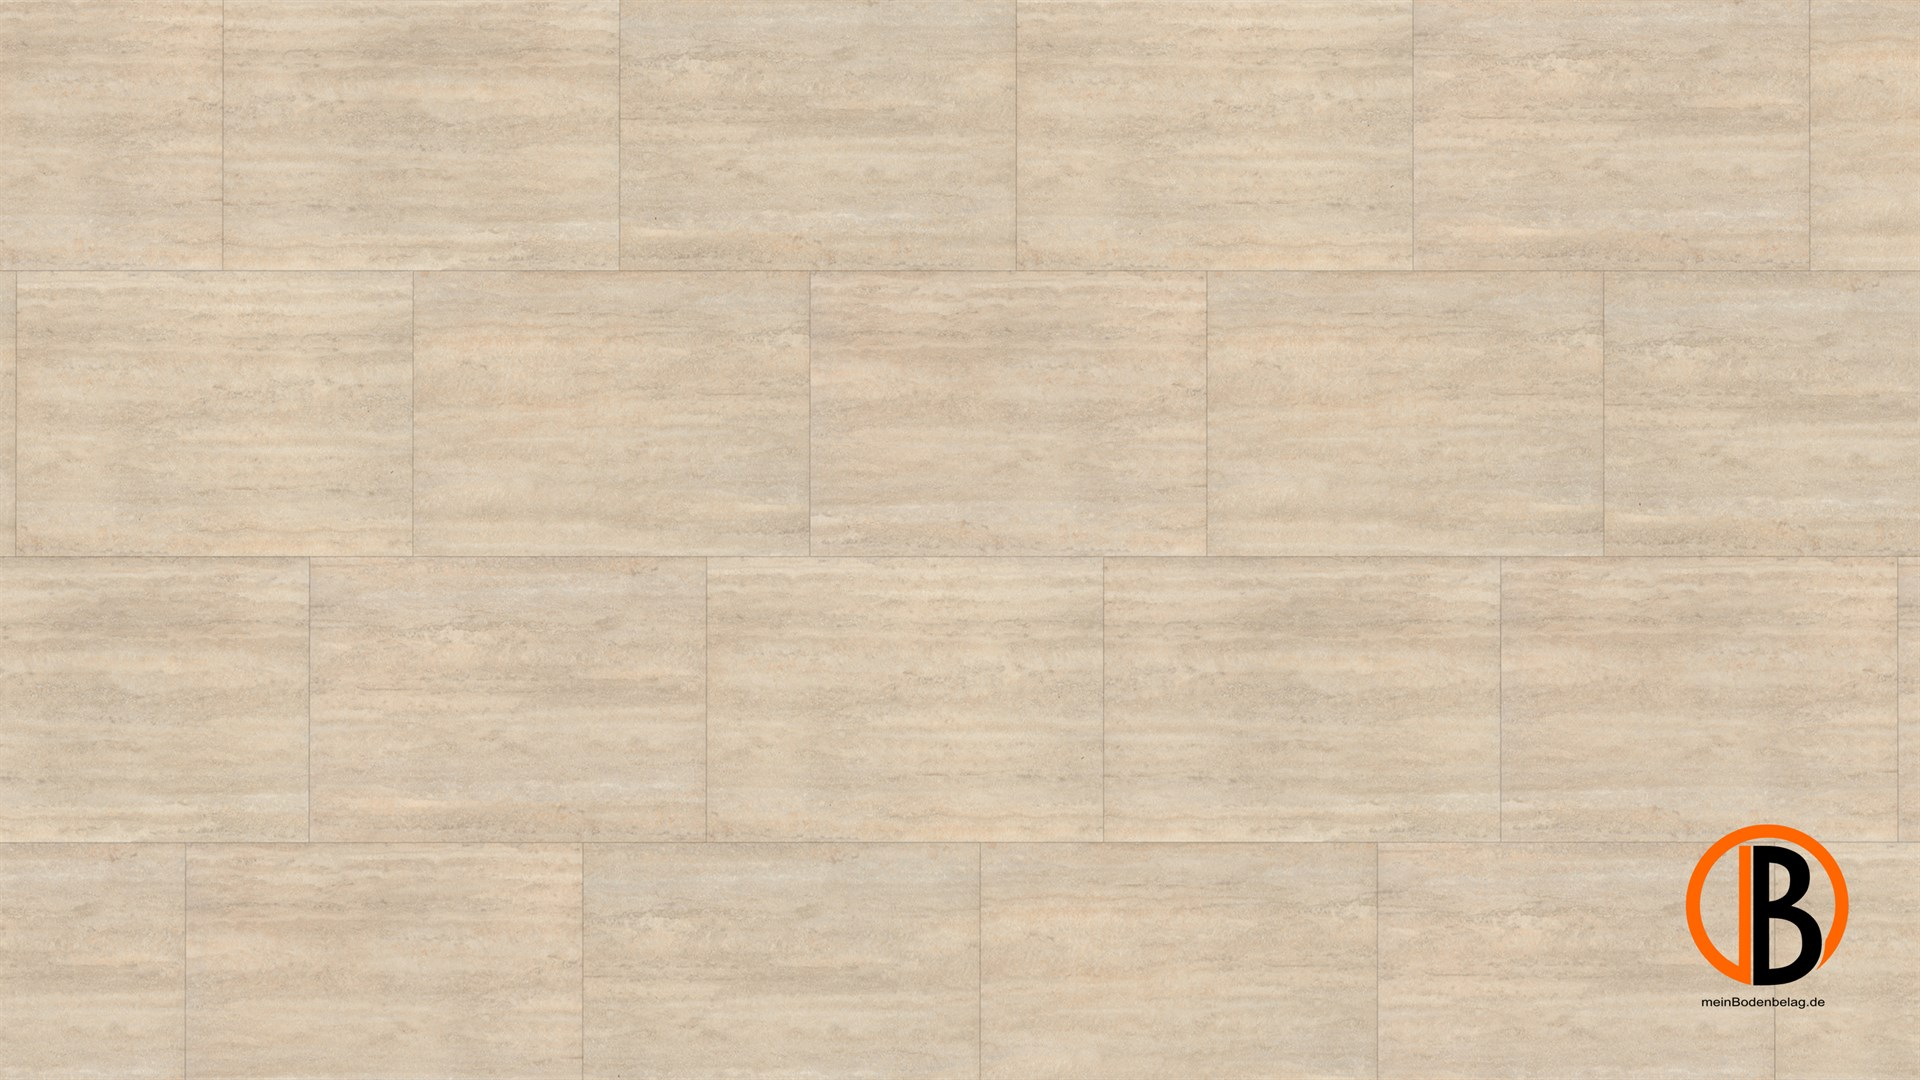 CINQUE KWG DESIGNERVINYL ANTIGUA STONE HDF | 10000122;0 | Bild 1